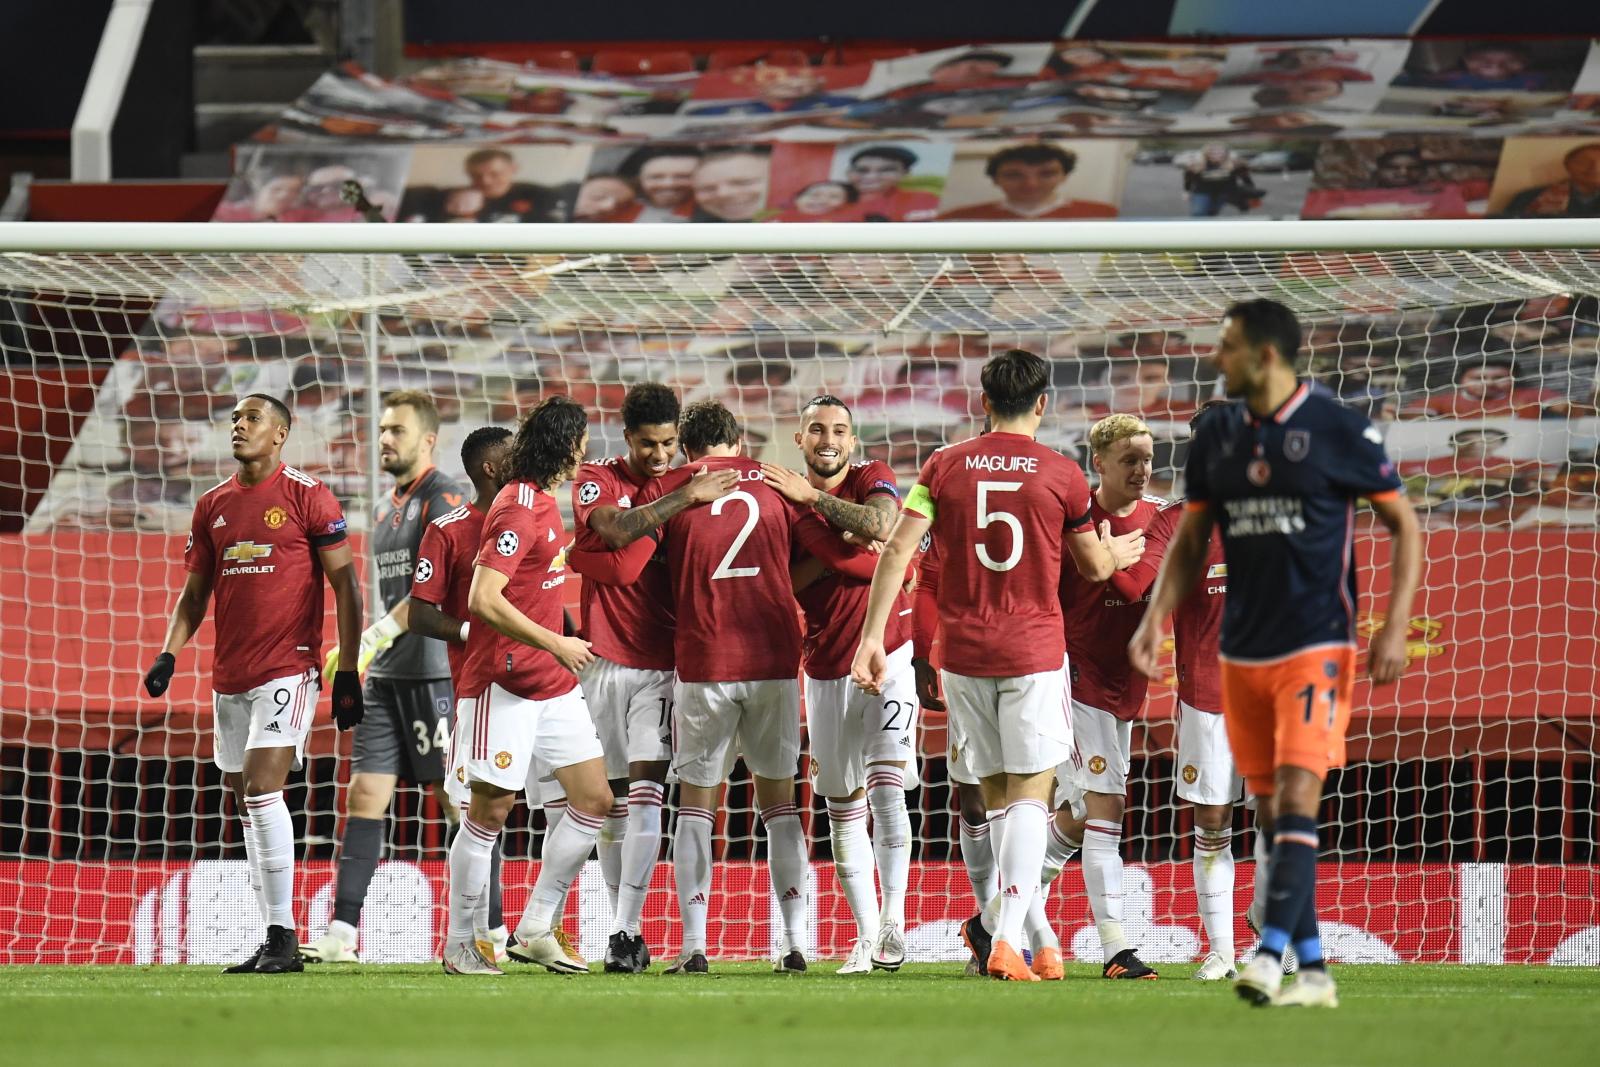 Liga Mistrzów. Manchester United - Istanbul Basaksehir: udany rewanż Czerwonych Diabłów - Sport WP SportoweFakty